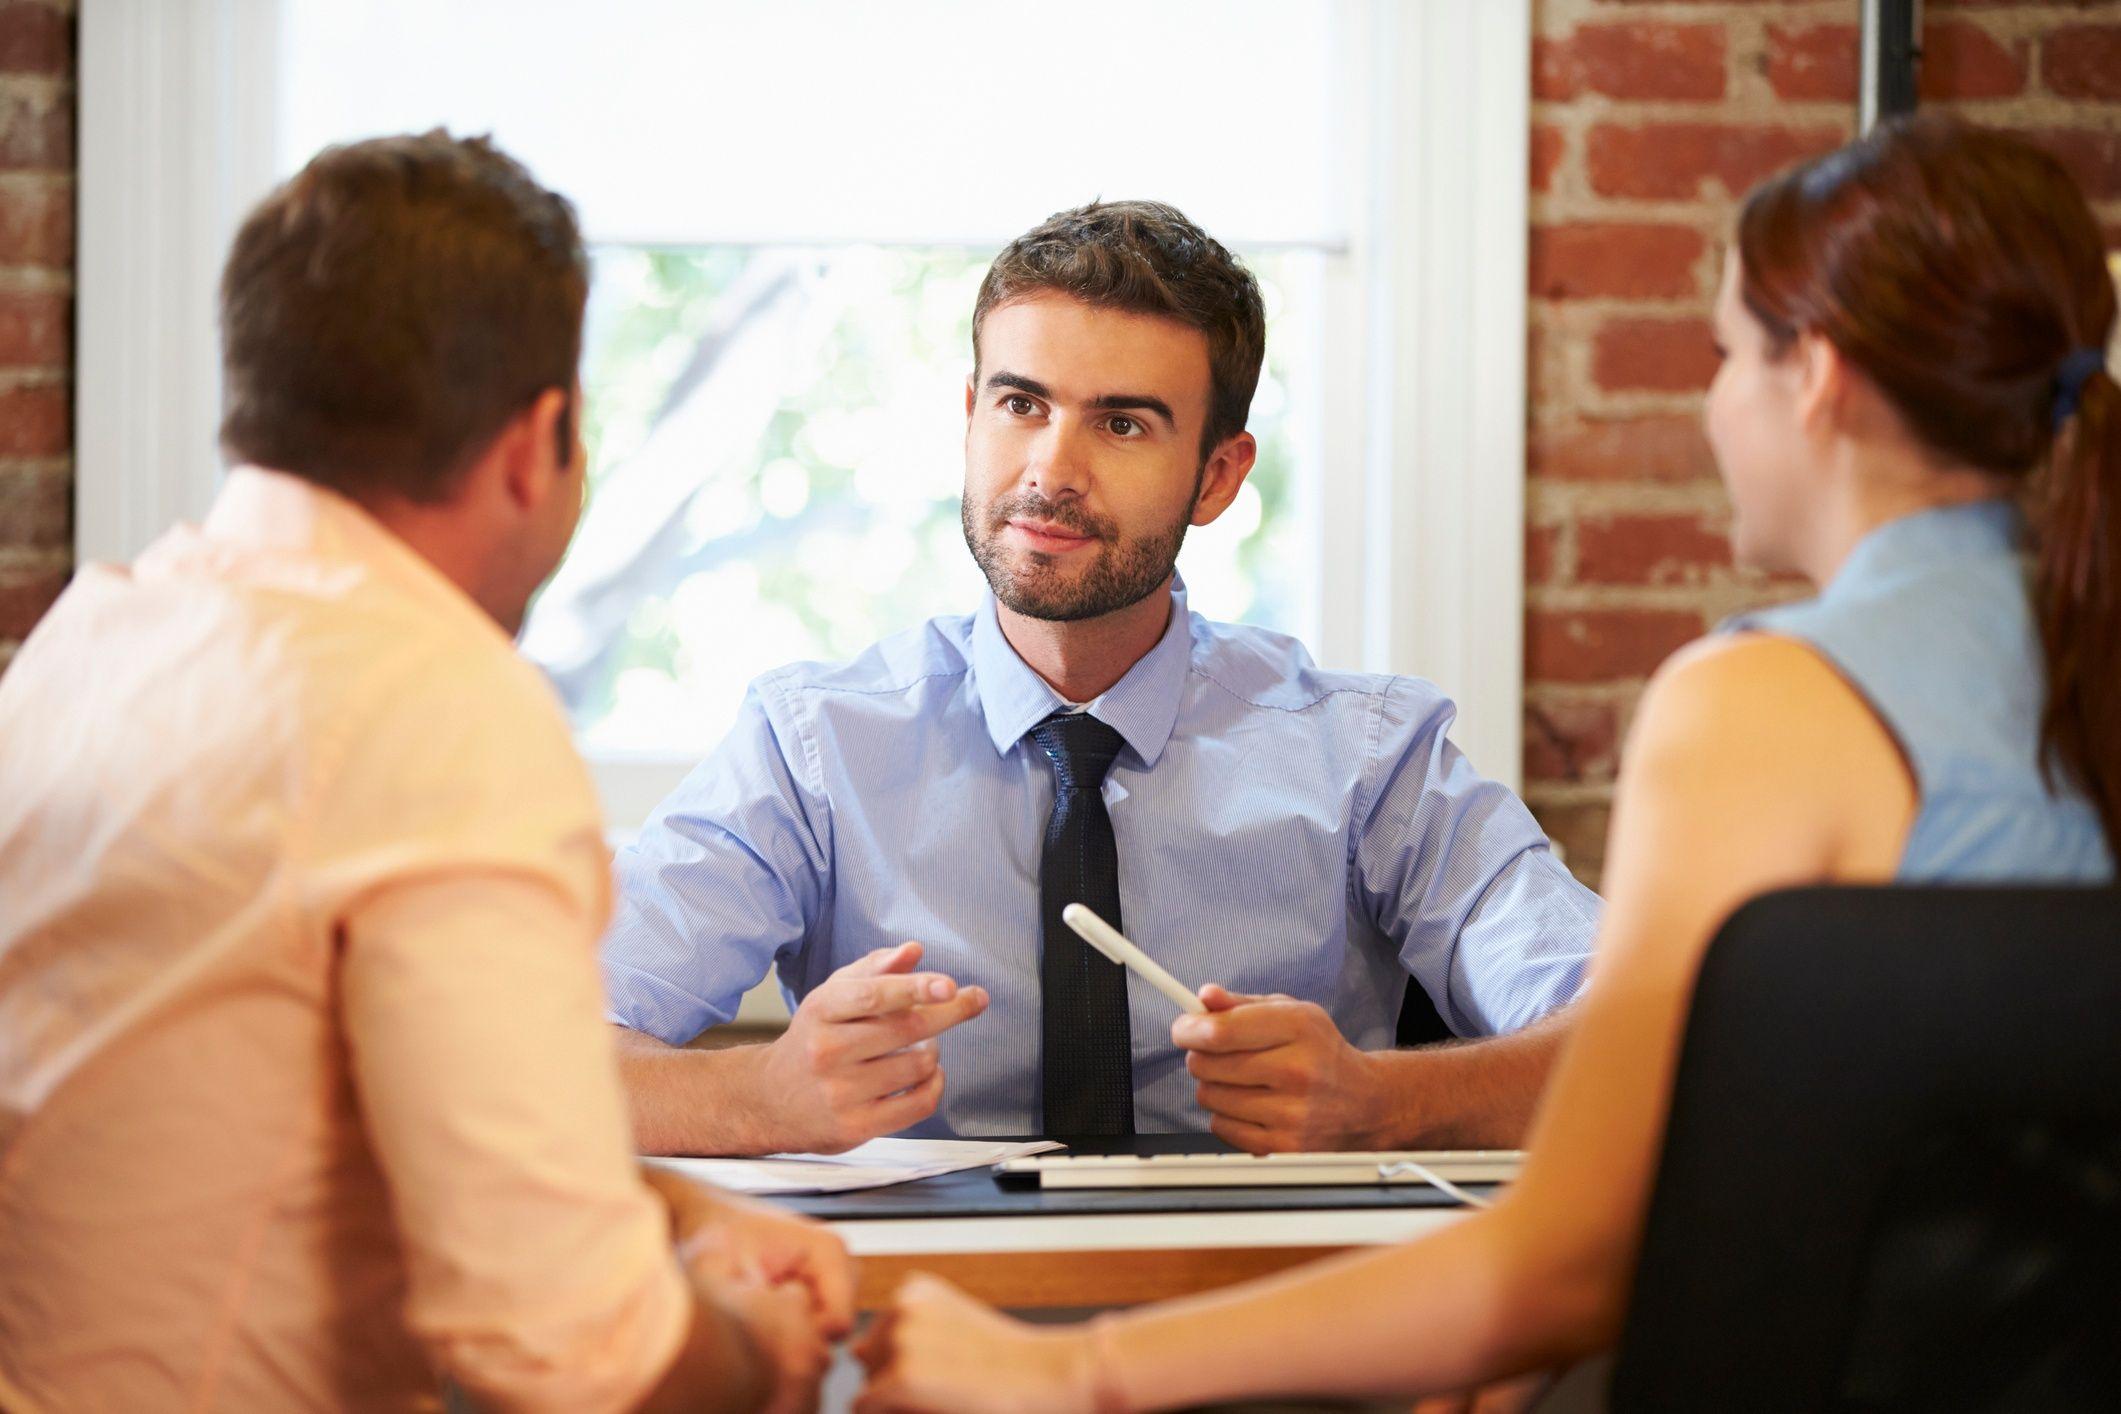 firing a client politely